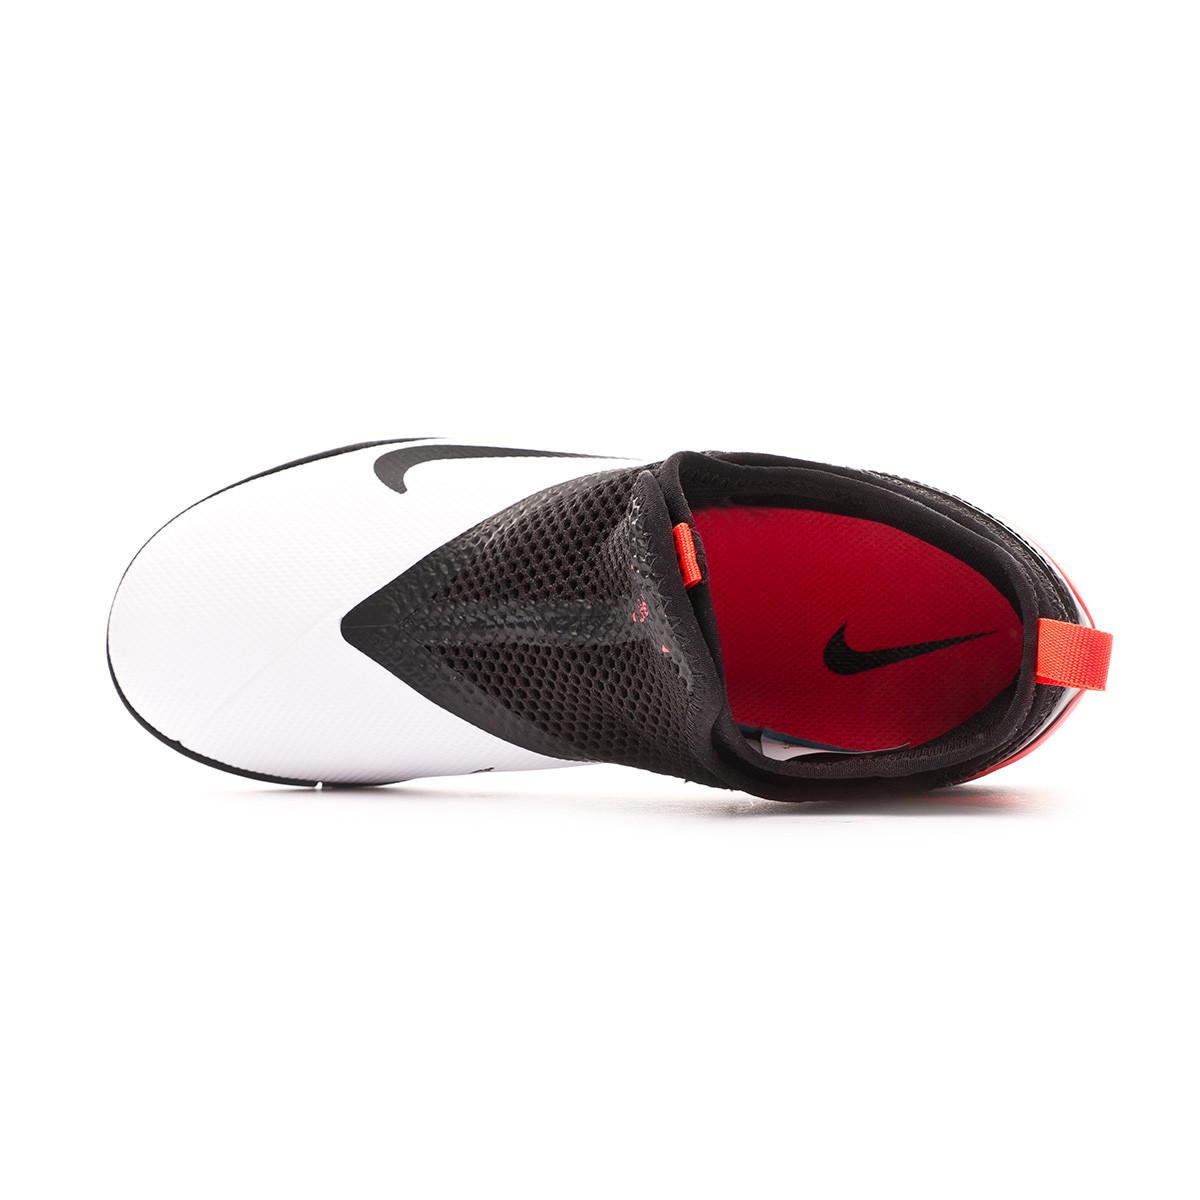 Chuteira Nike Phantom Vision II Academy DF Turf Criança